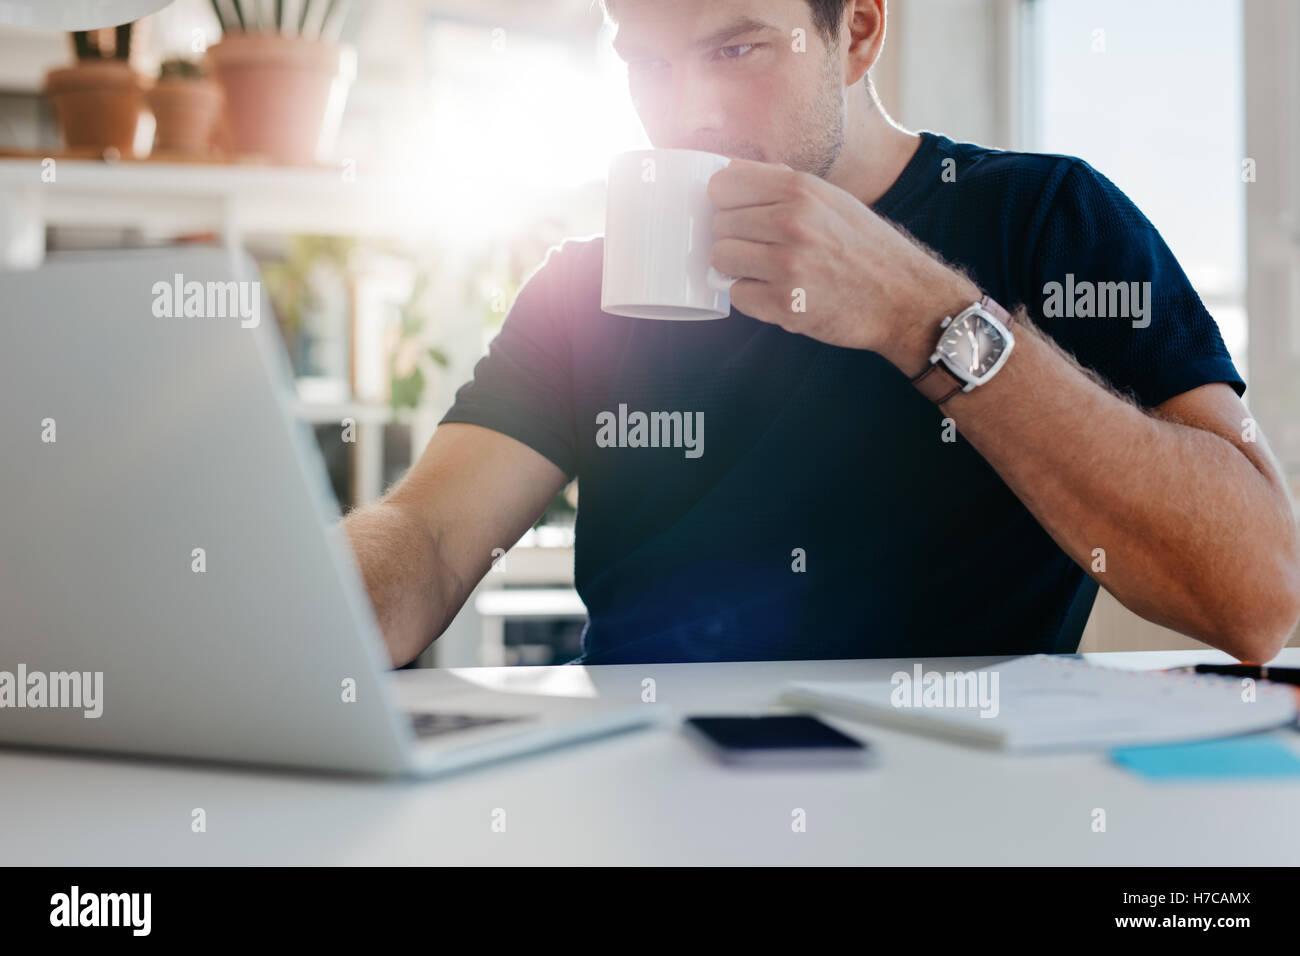 Immagine del giovane imprenditore con tazza di caffè guardando lo schermo del notebook al posto di lavoro. Immagini Stock